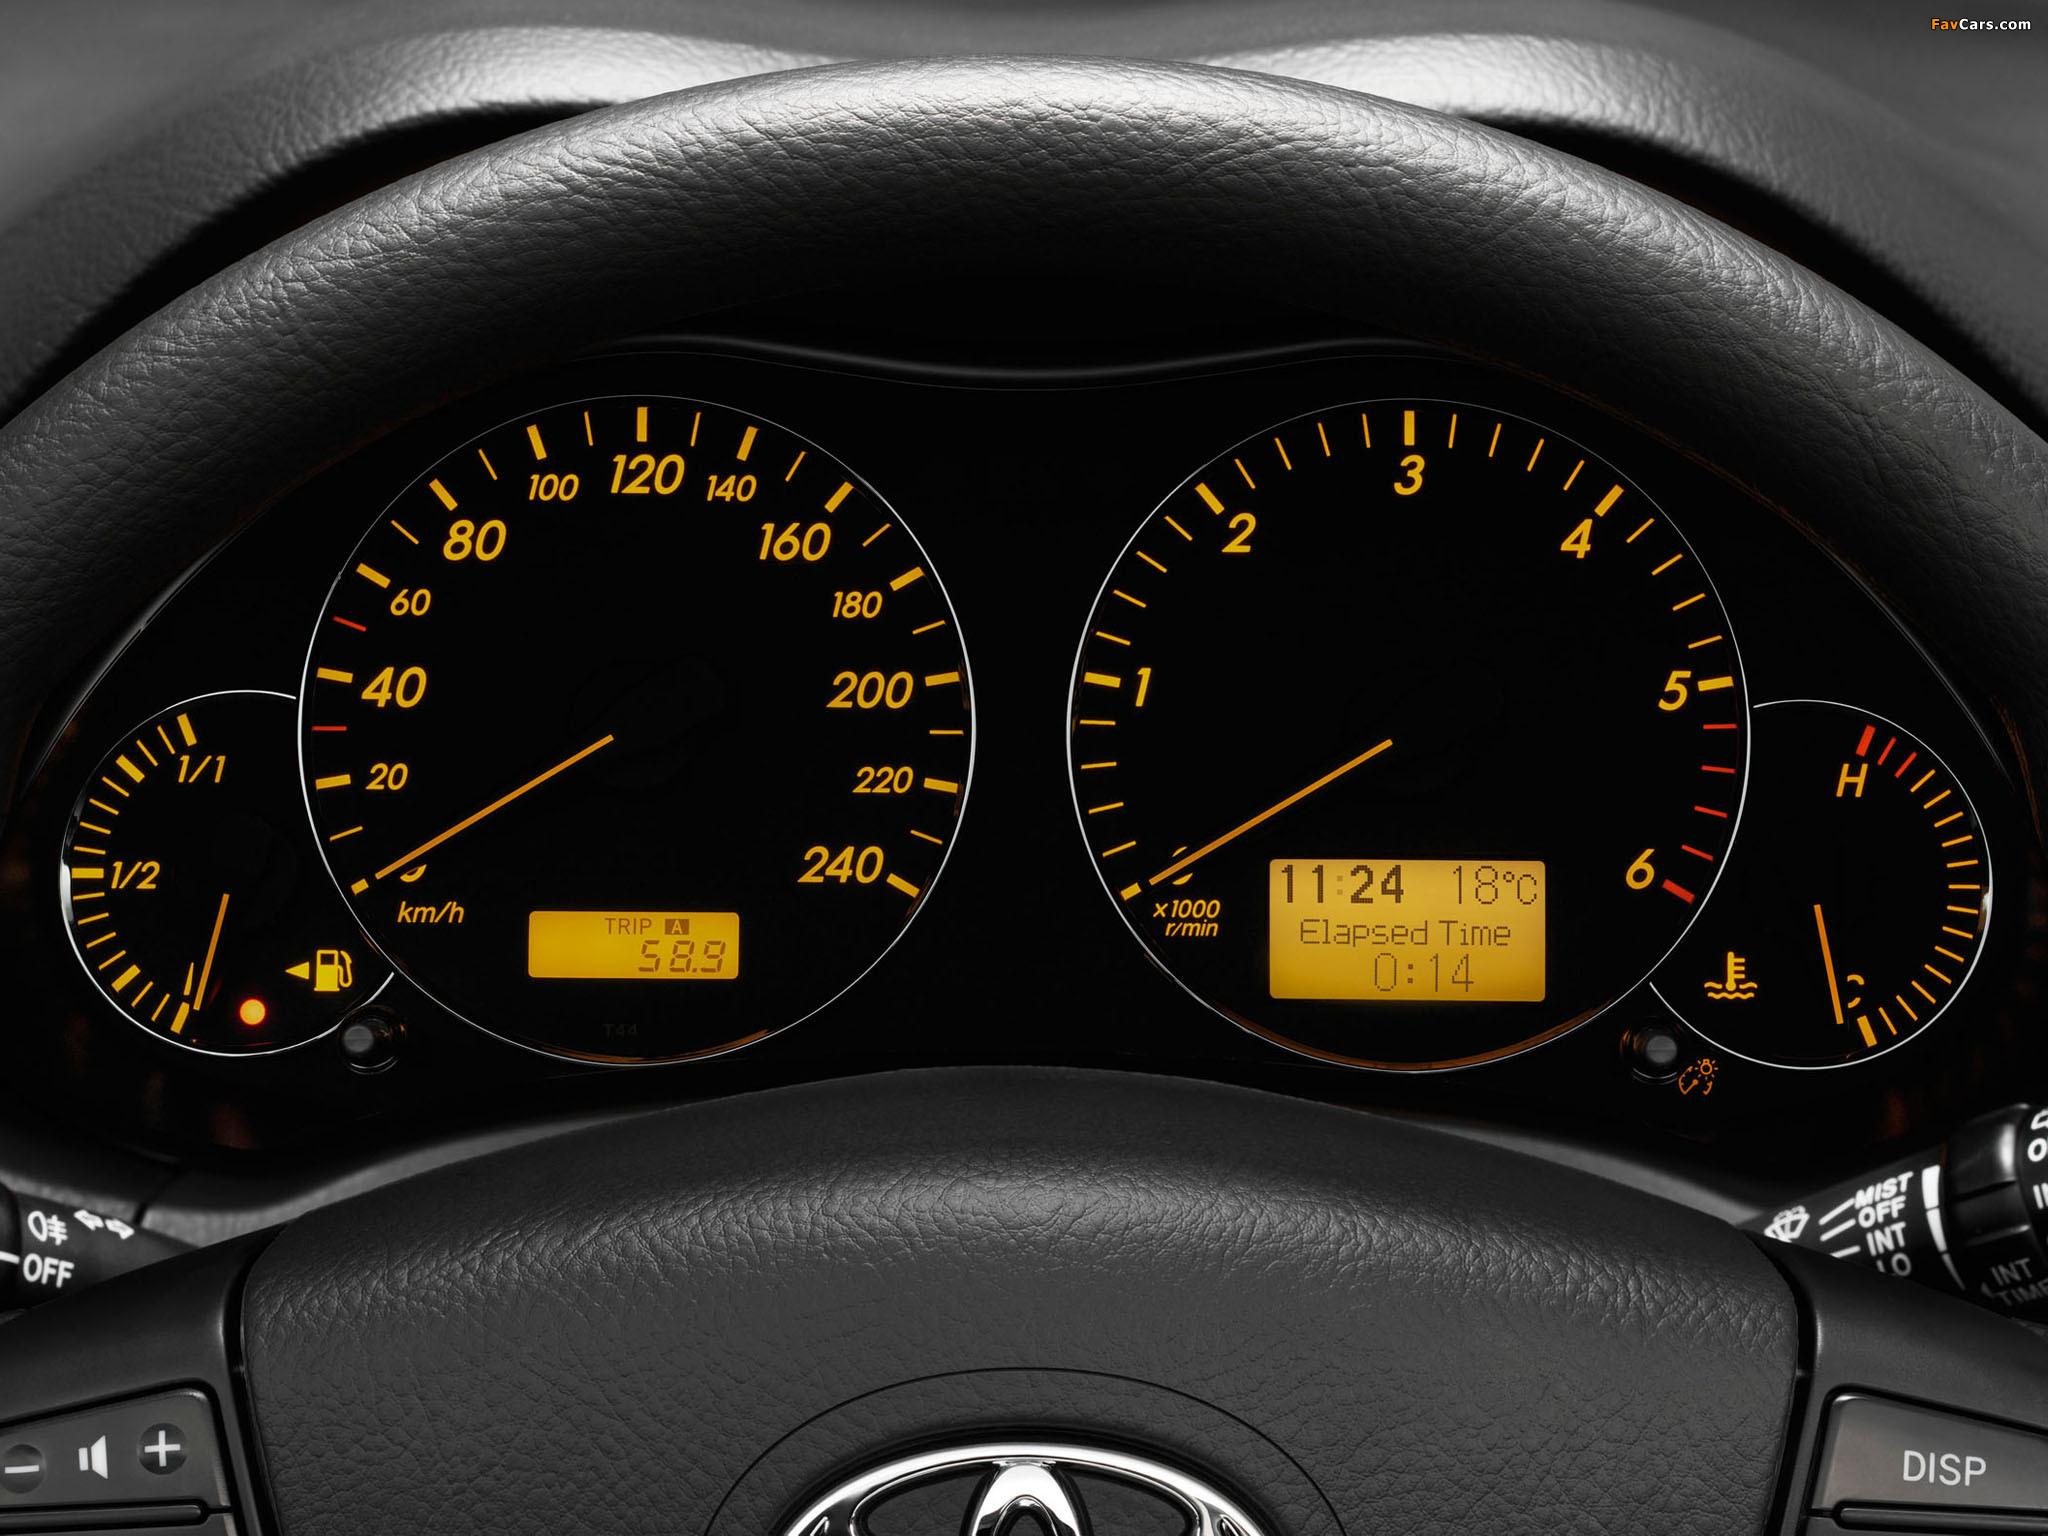 У Toyota Avensis II есть две контрольные лампы с масленками. Чем они отличаются?